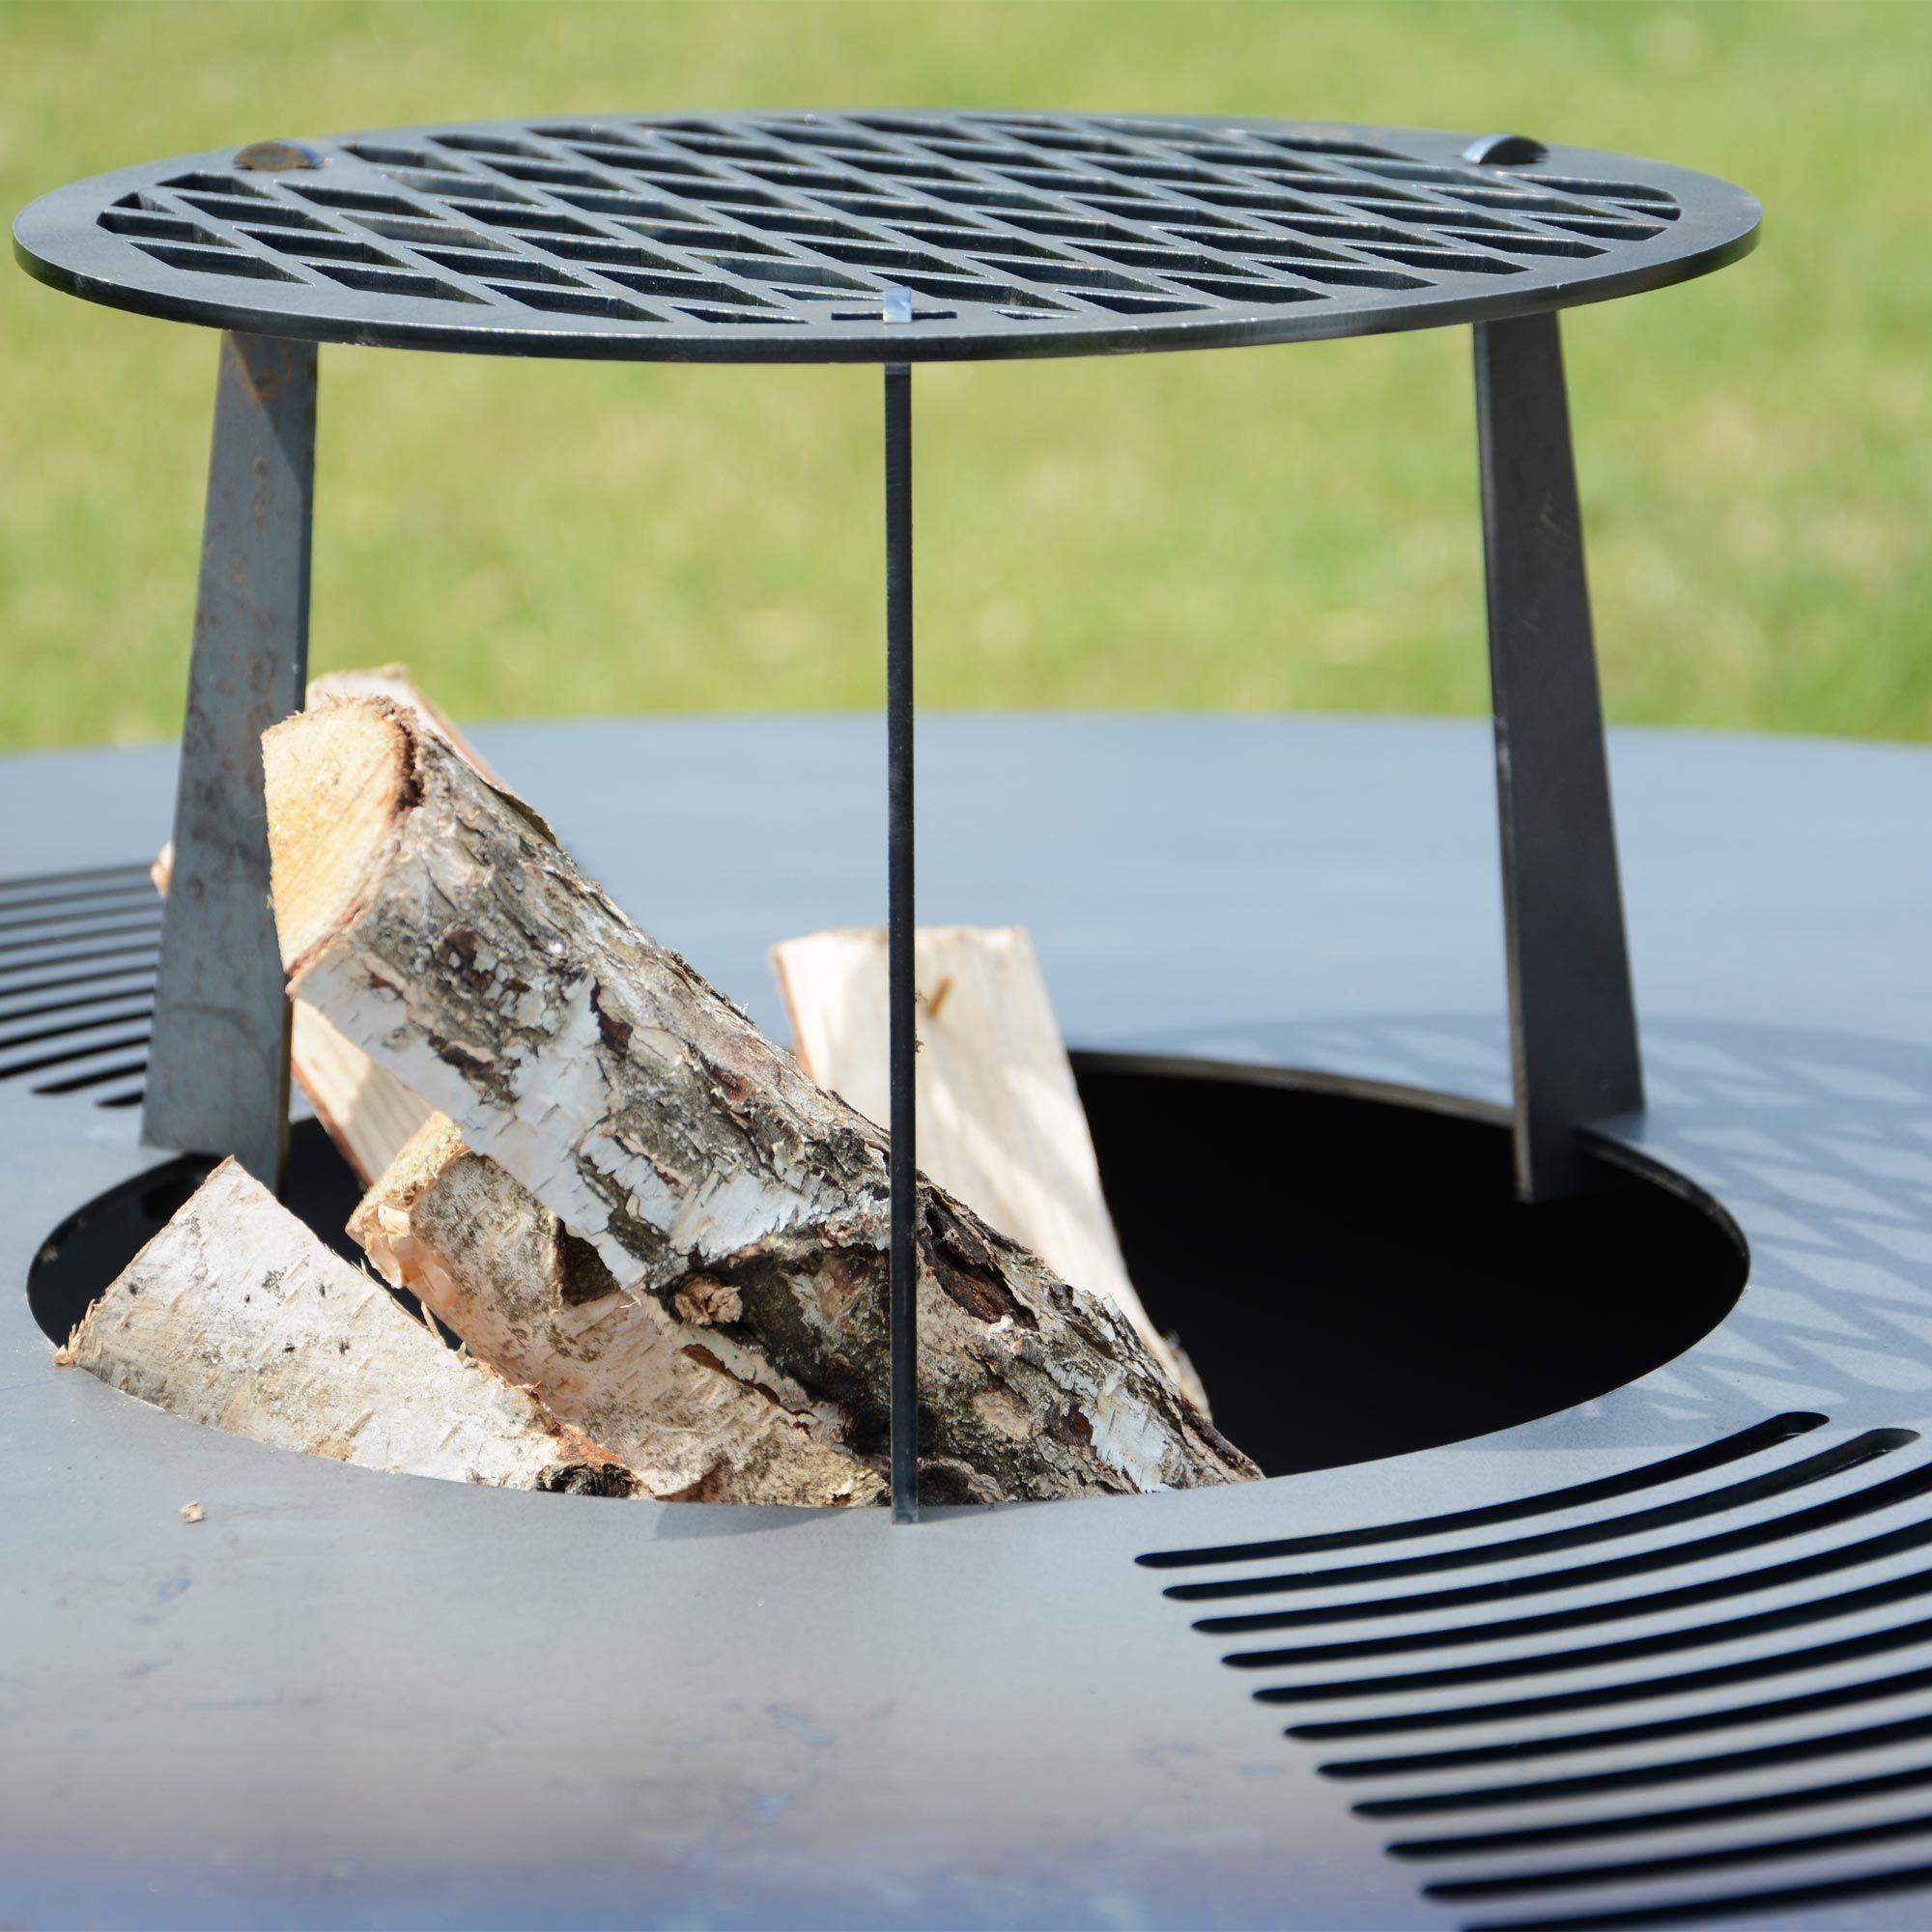 Grillplatte Plancha Feuerring Grillring Fur Gemutliches Grillen Outdoor Kuche Feuerring Grill Zubehor Gartendekoration